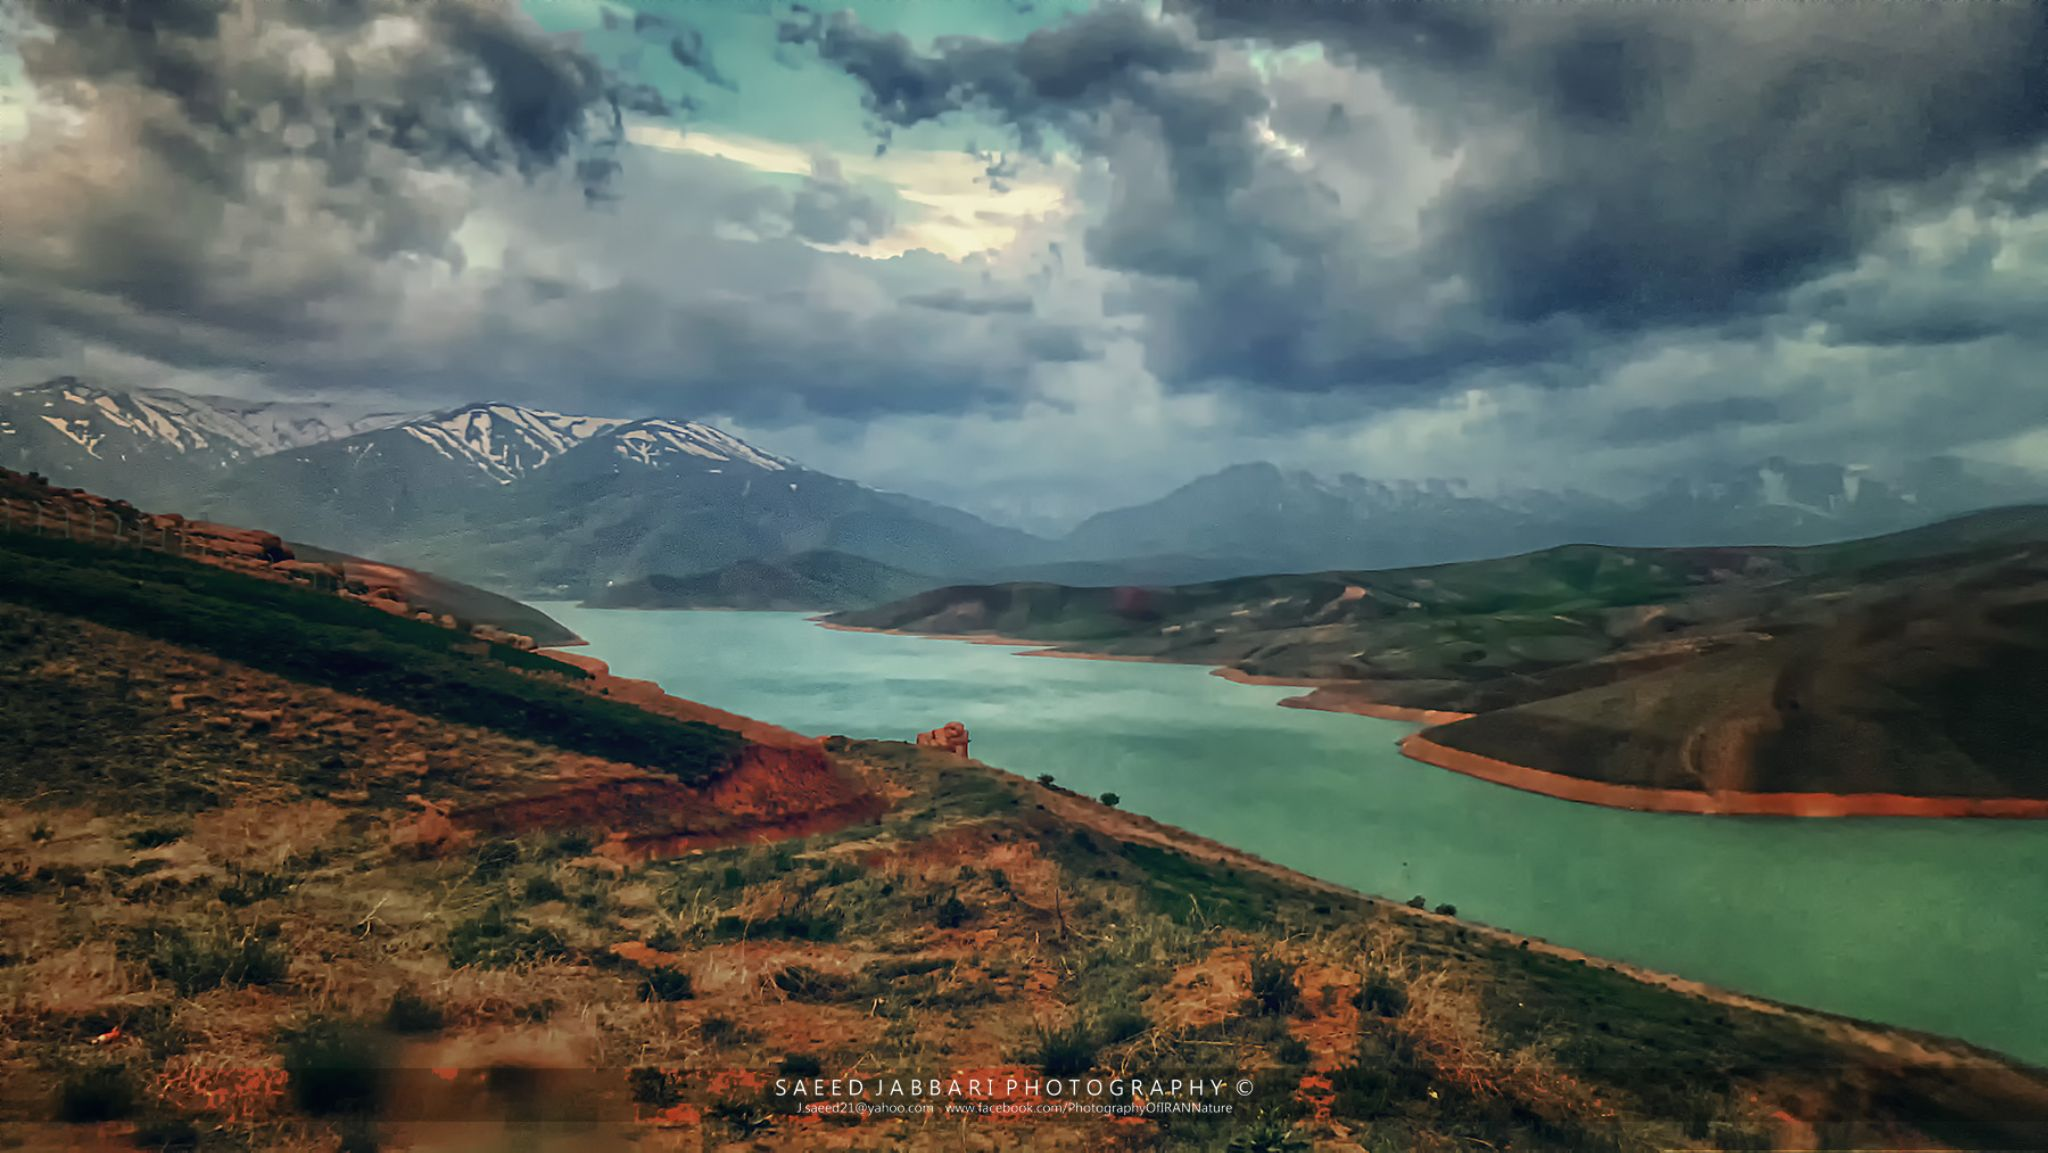 Iran-Urmia by Saeed Jabbari